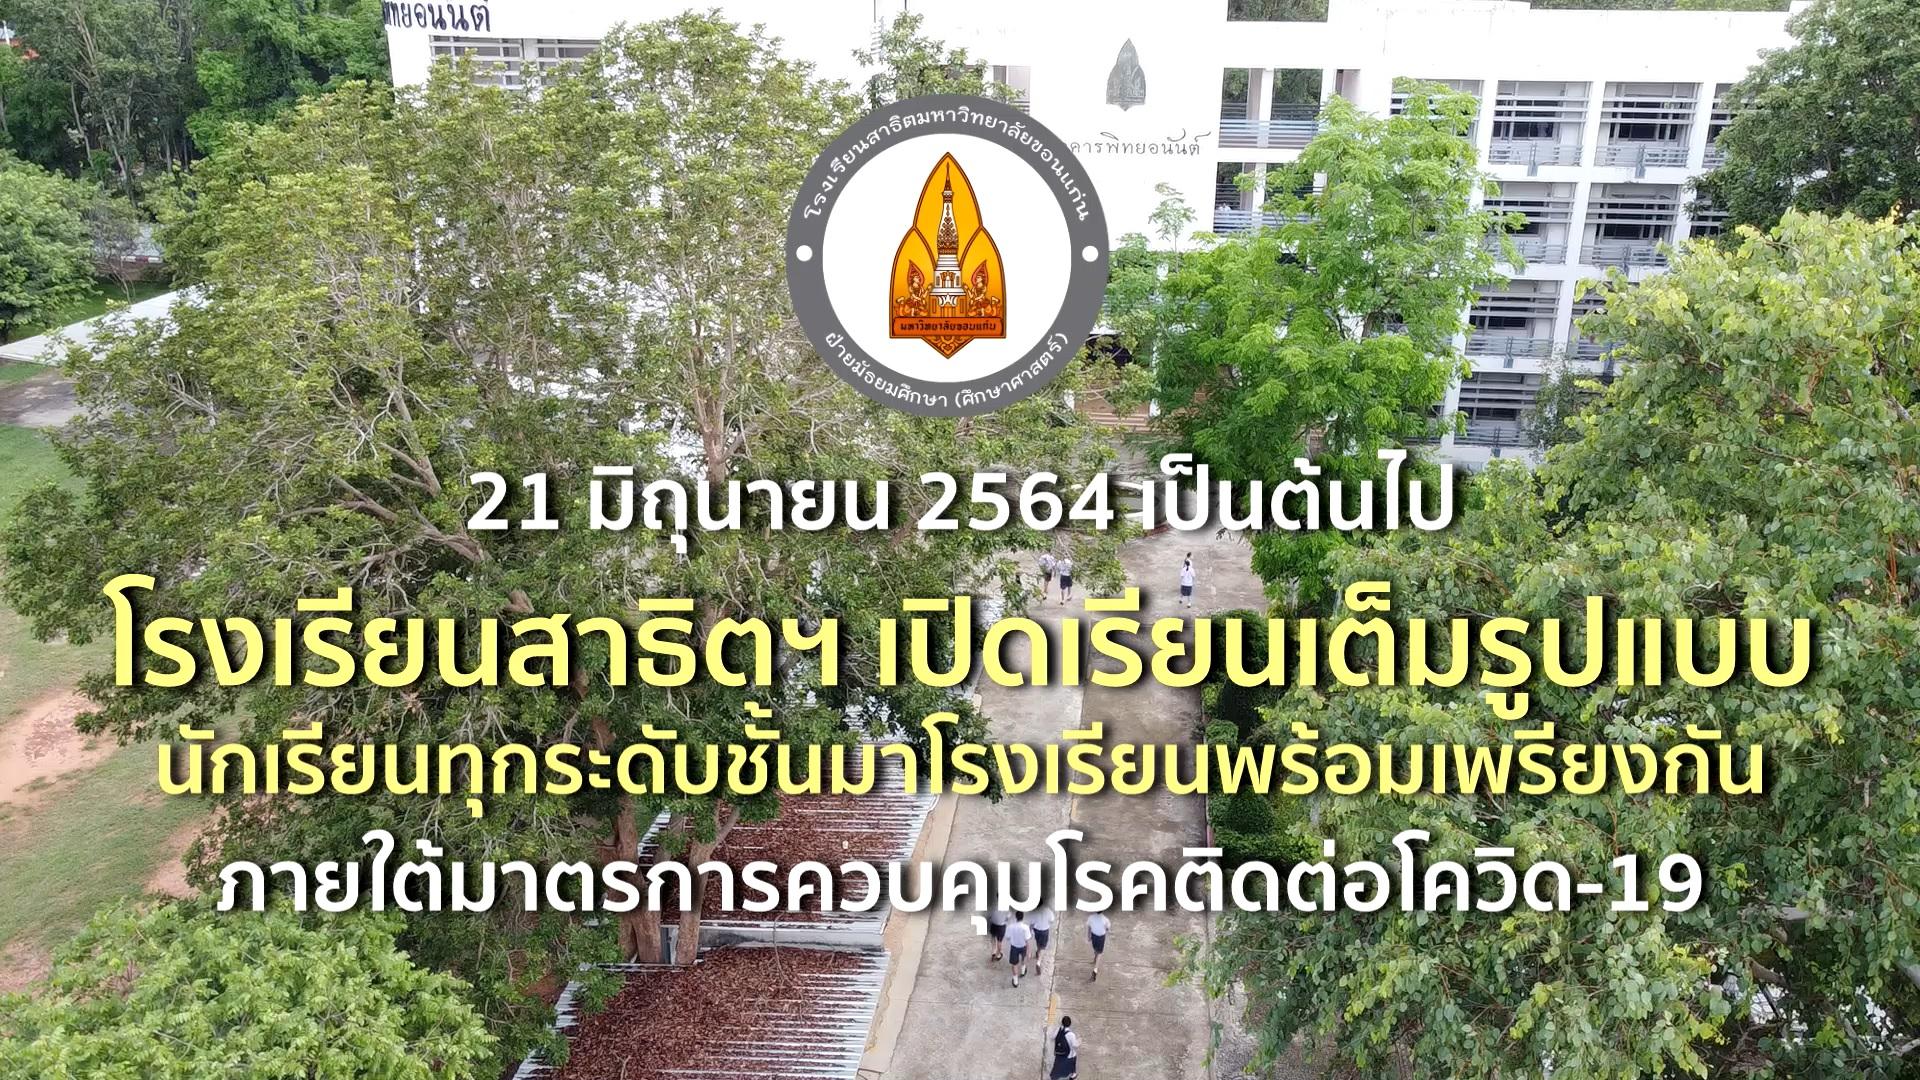 สาธิตฯ พร้อมเปิดเรียนเต็มรูปแบบ 21 มิถุนายน 2564